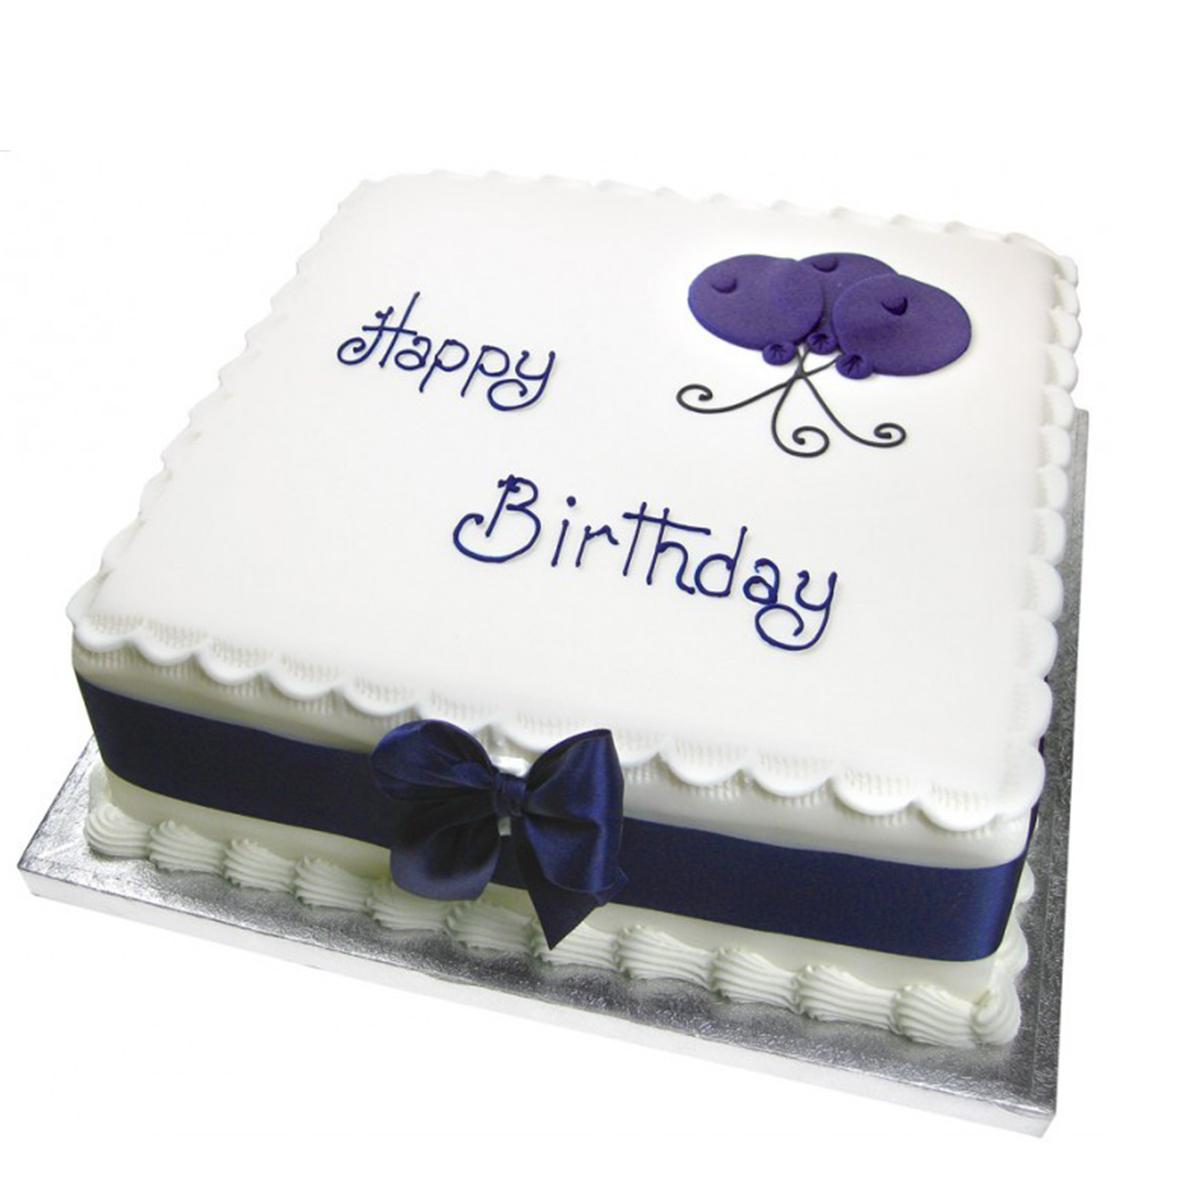 8293 9 in Celebration Cake